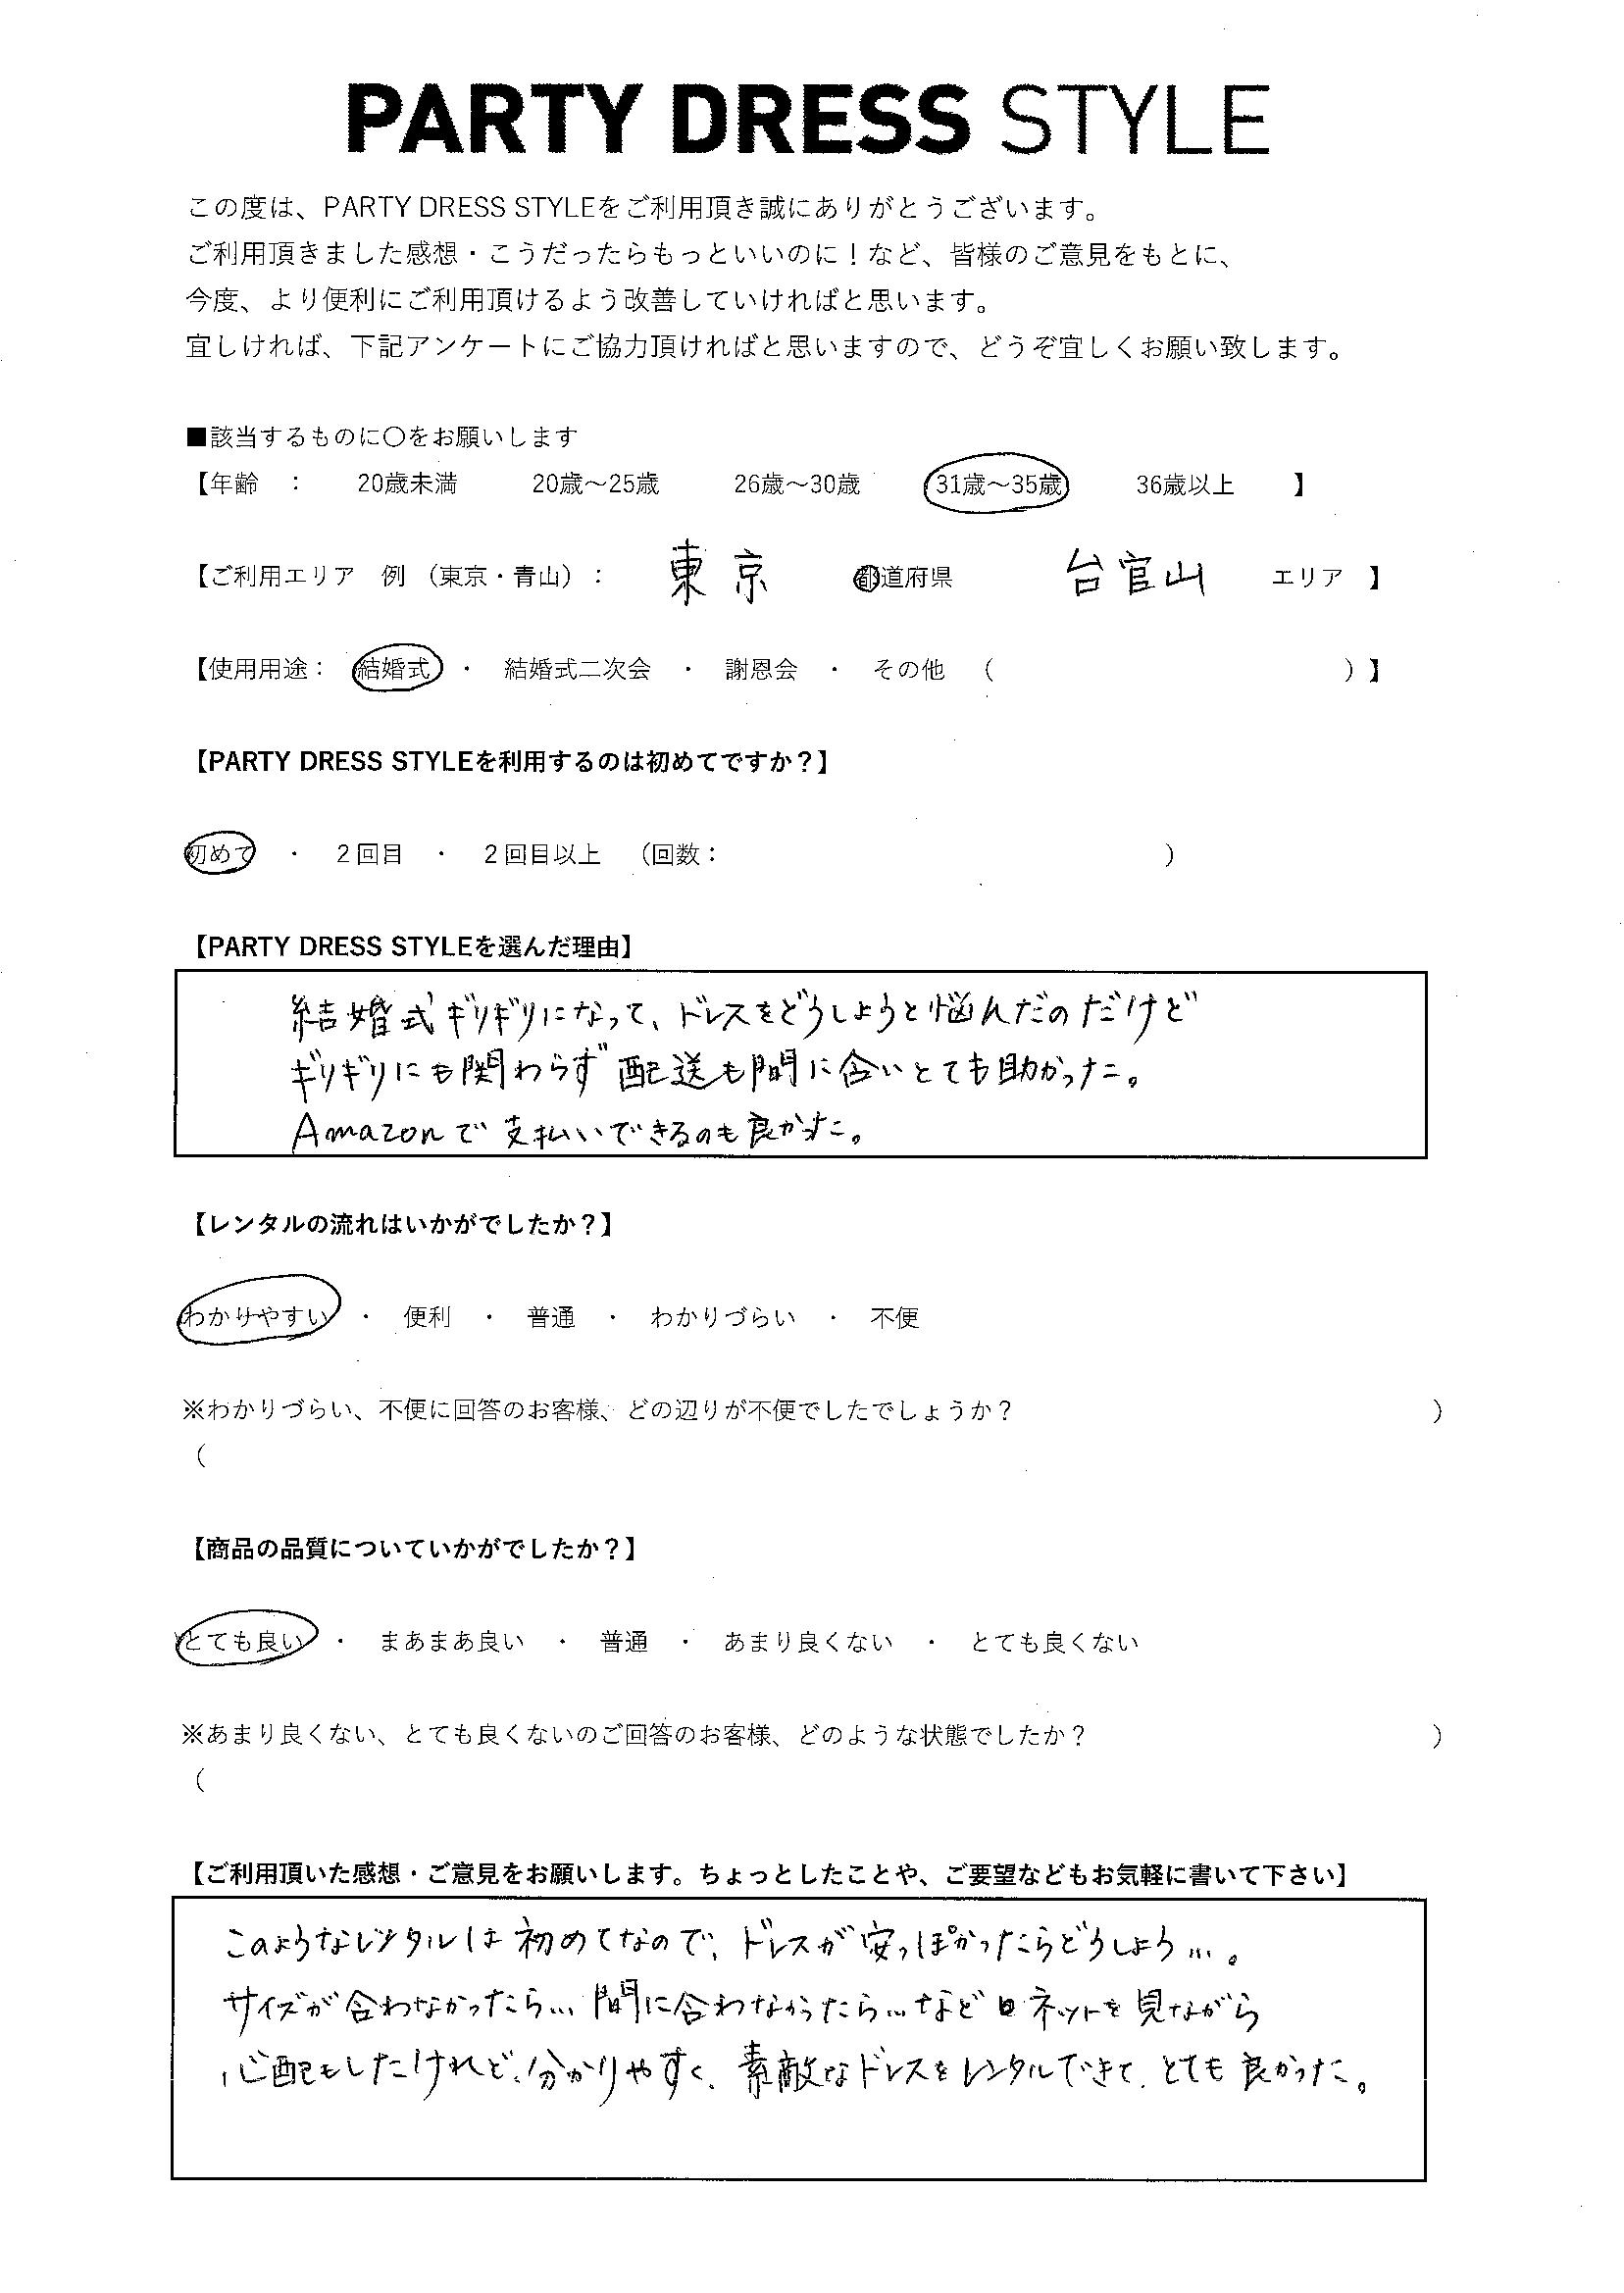 8/26結婚式ご利用 東京・代官山エリア